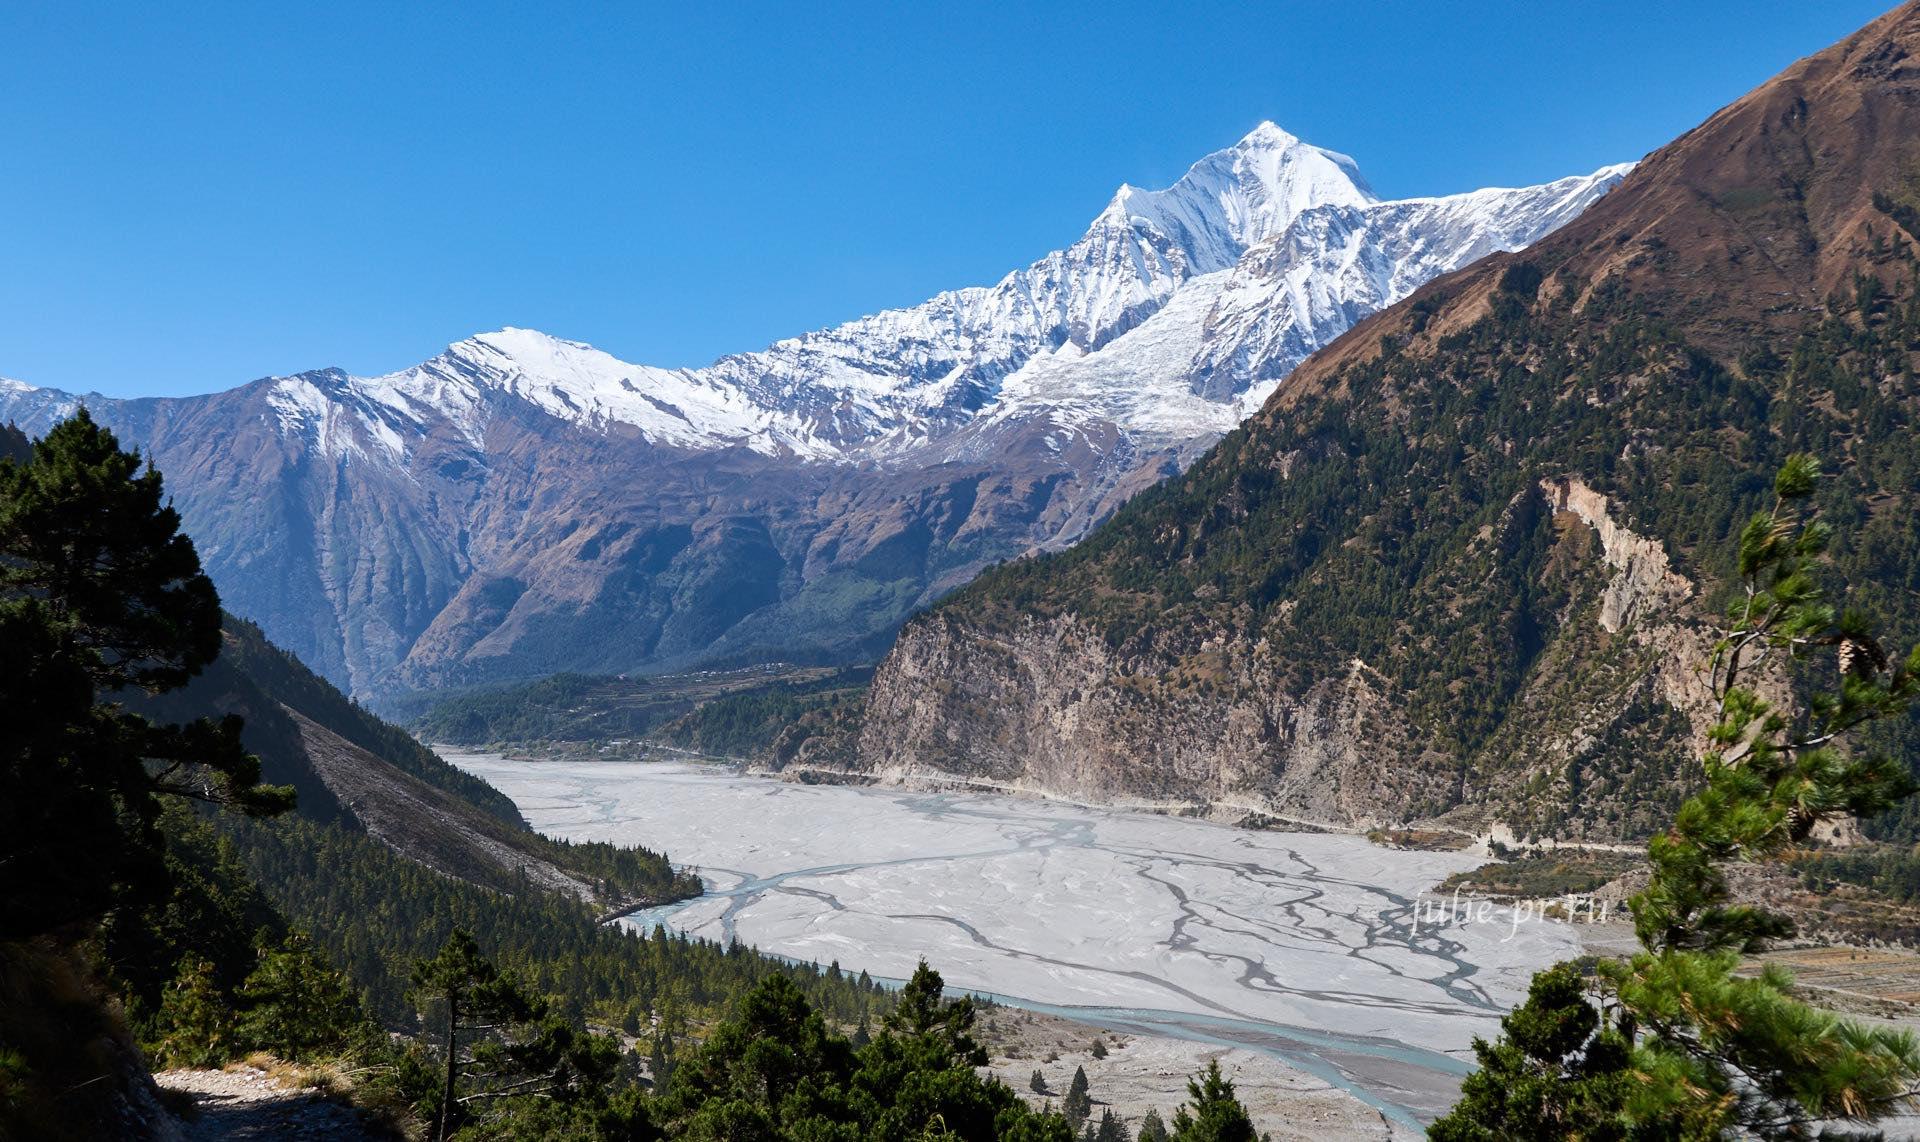 Непал, Трек вокруг Аннапурны, Кали-Гандаки, Дхаулагири